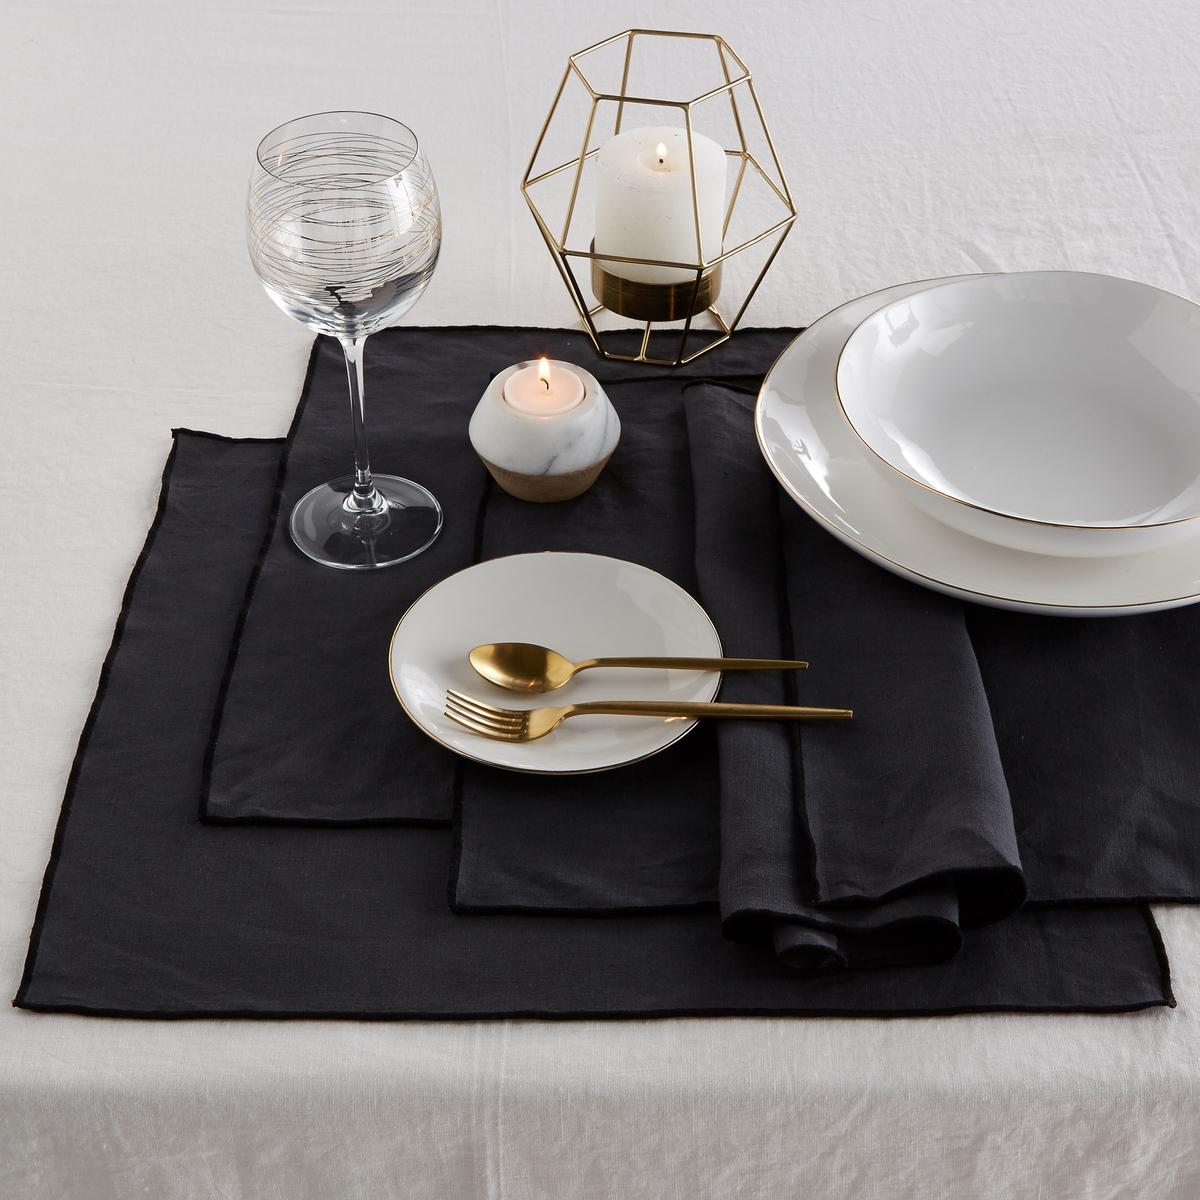 4 салфетки La Redoute Под тарелку льняные Taraka единый размер серый